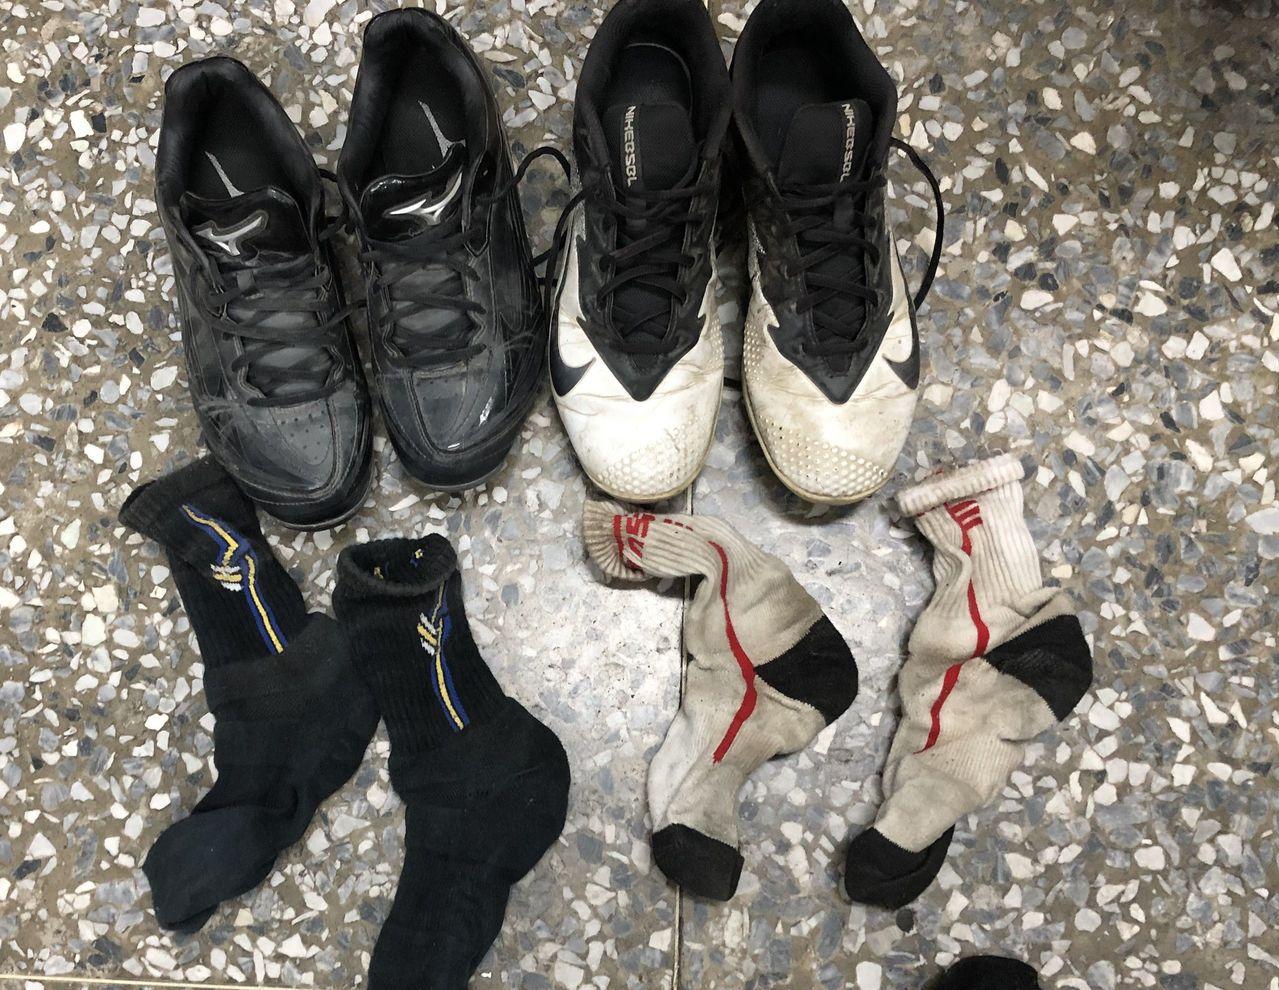 用過的鞋、襪都有人偷,讓失主氣結。記者林保光/翻攝